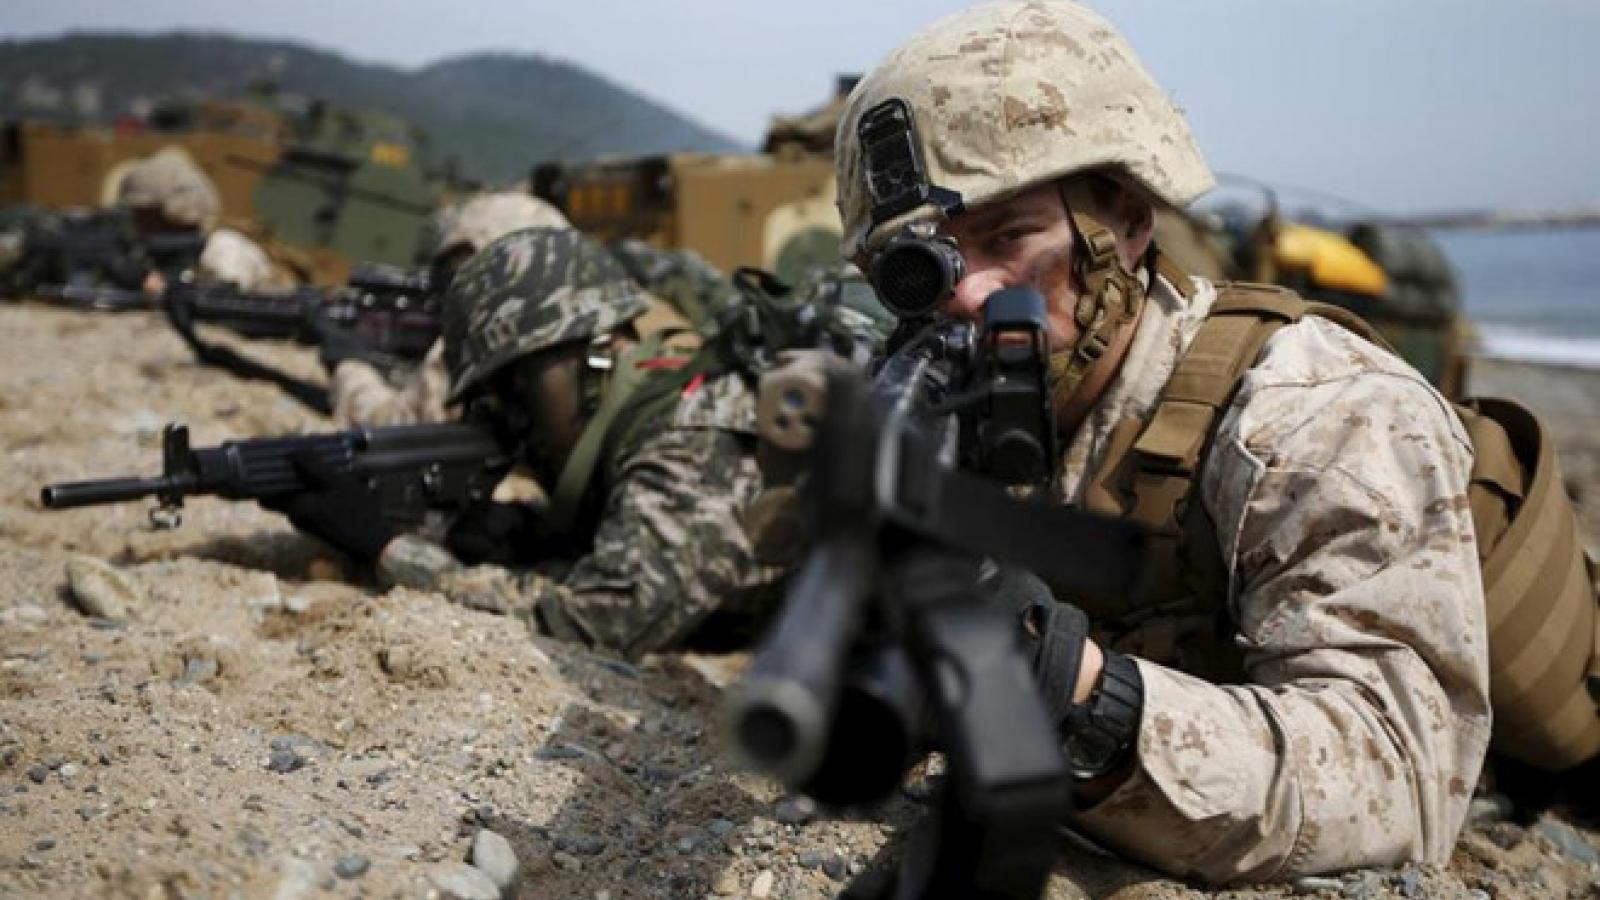 """Mỹ luôn sẵn sàng hợp tác với Hàn Quốc để """"răn đe"""" Triều Tiên"""